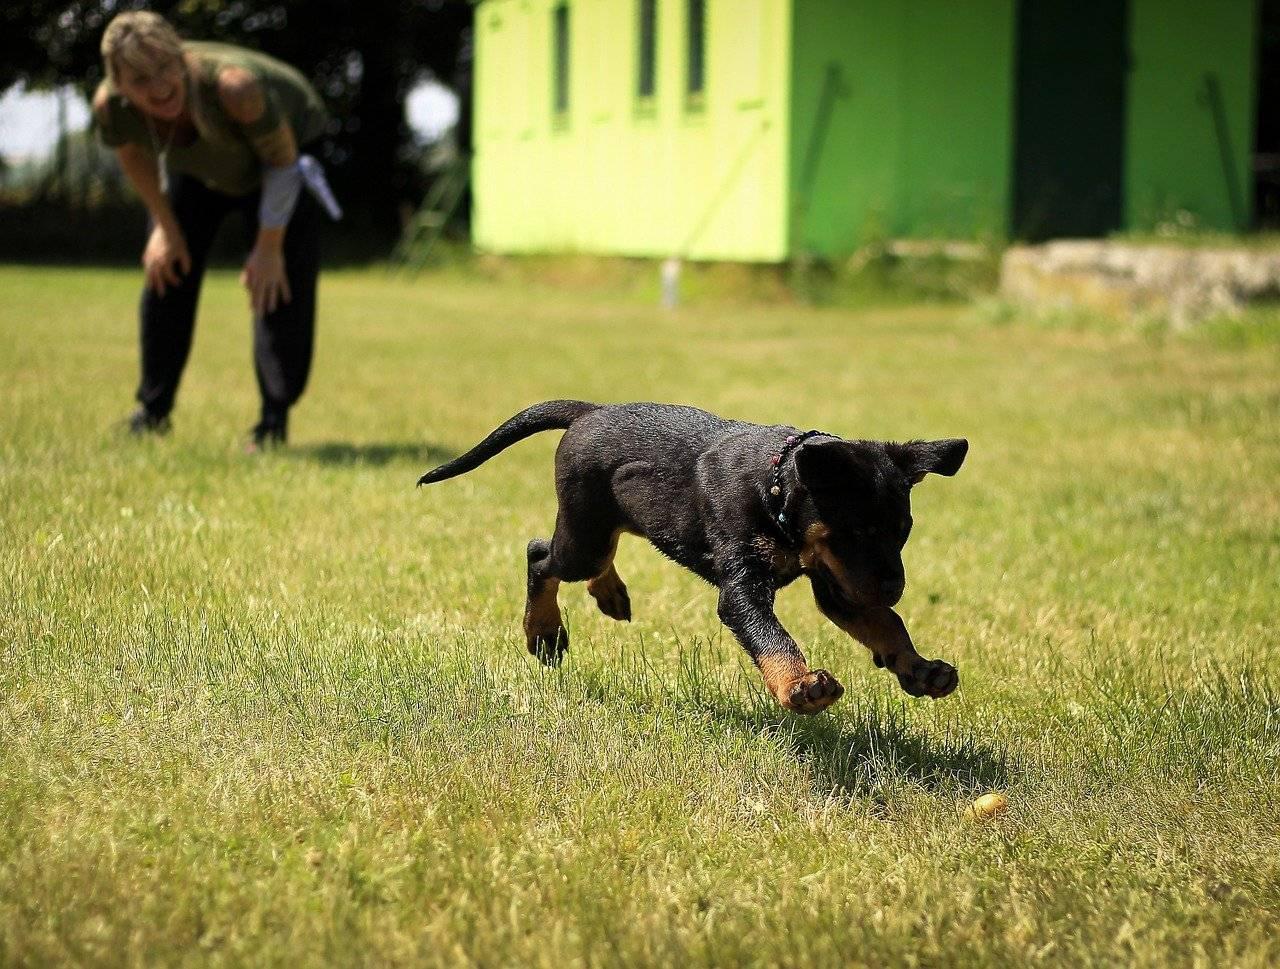 Отзывы владельцев о ротвейлерах: положительные и отрицательные черты характера собак и особенности их содержания